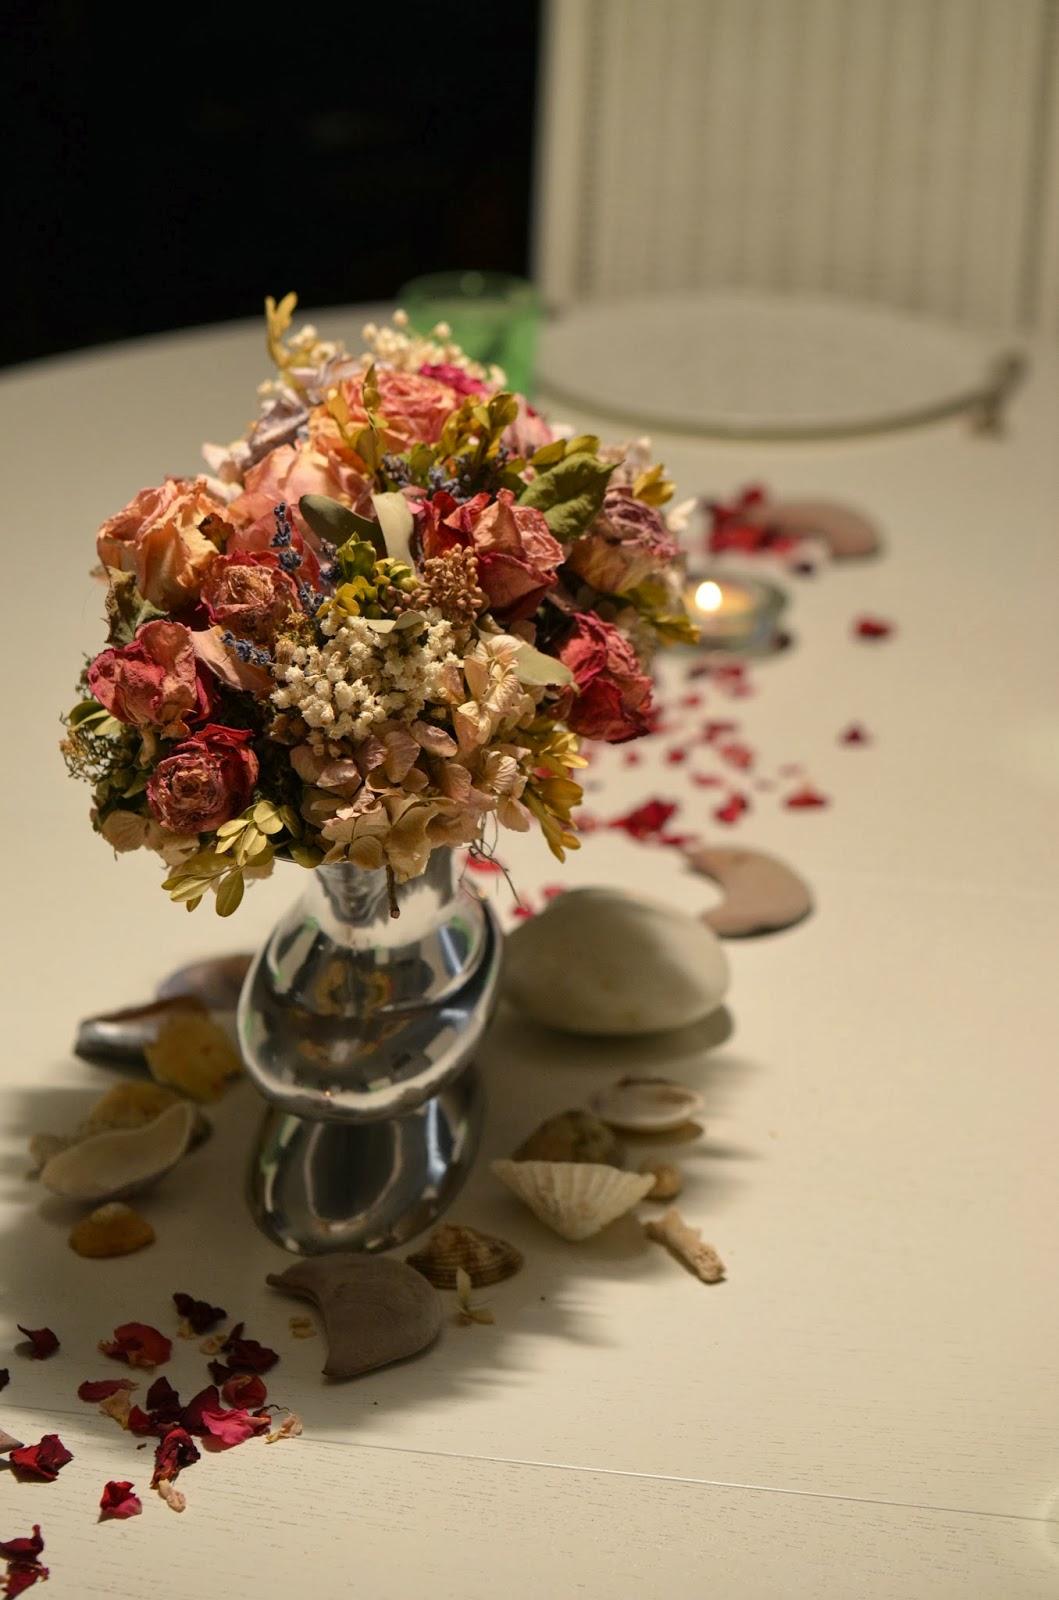 melina 39 s s es leben rote bete carpaccio mit rucola salat knuspern ssen und ziegenk se. Black Bedroom Furniture Sets. Home Design Ideas